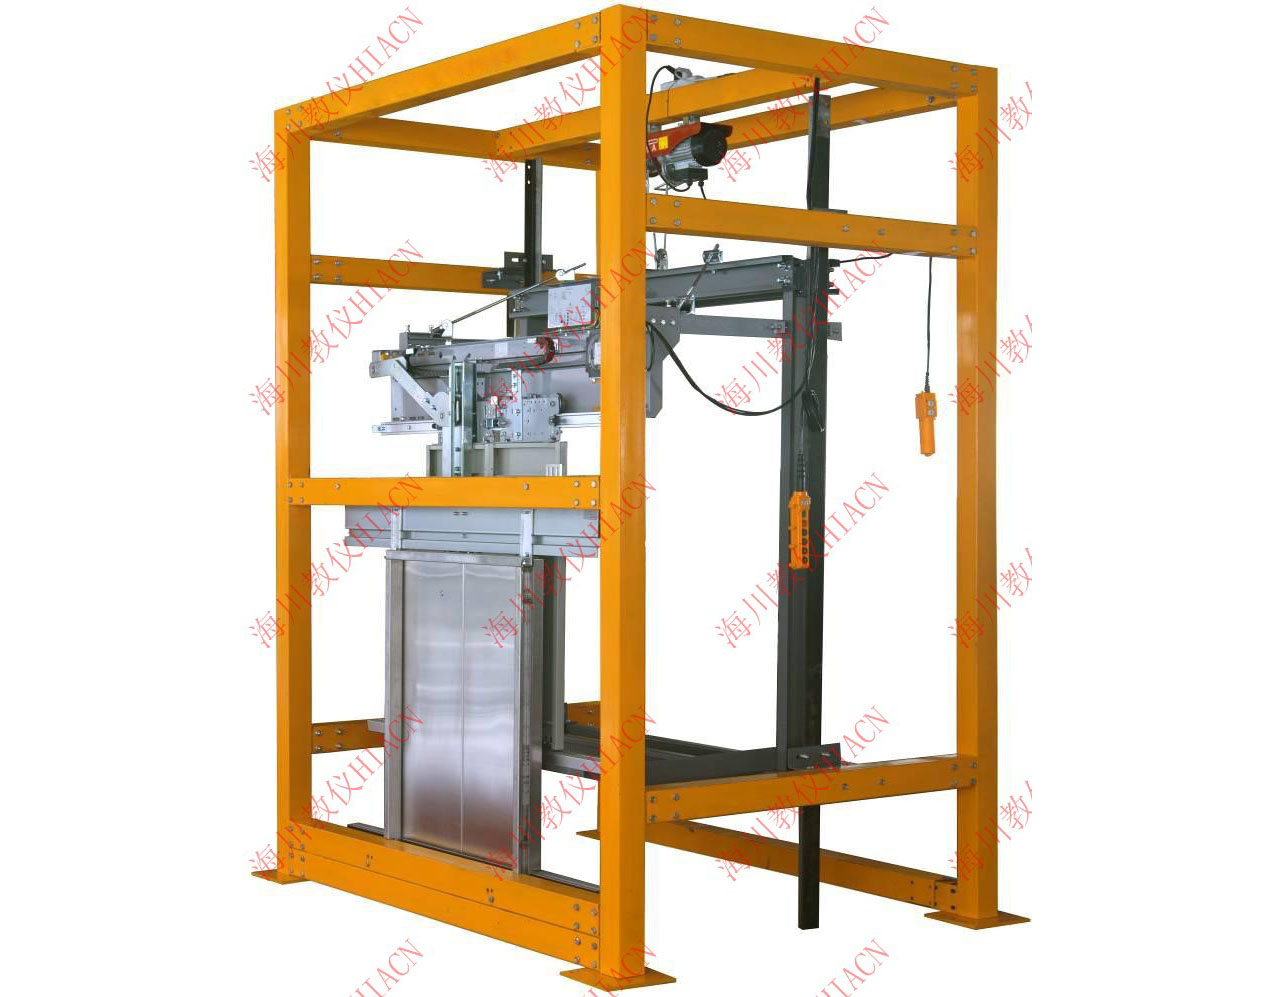 电梯门机构安装与调试实训考核装置产品图片